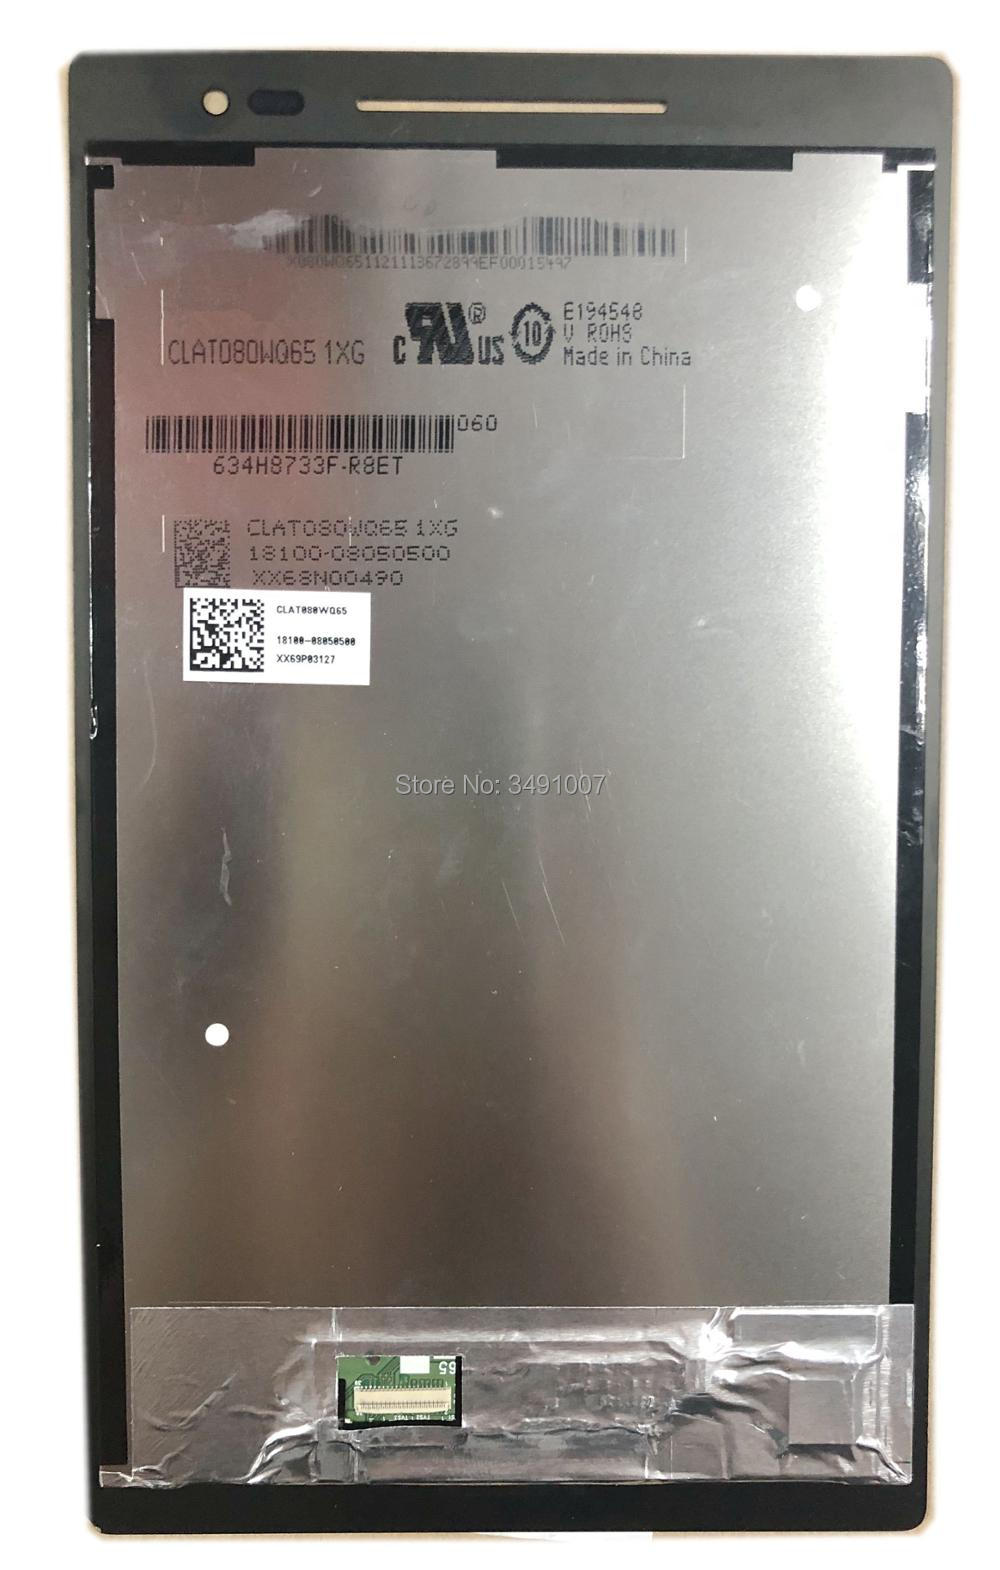 ÉCRAN LCD Écran Tactile Digitizer Assemblée CLAT080WQ65 1XG Pour ASUS Zenpad 8.0 Z380KL Z380M Z380CX P024 Tablet NOIR Couleur